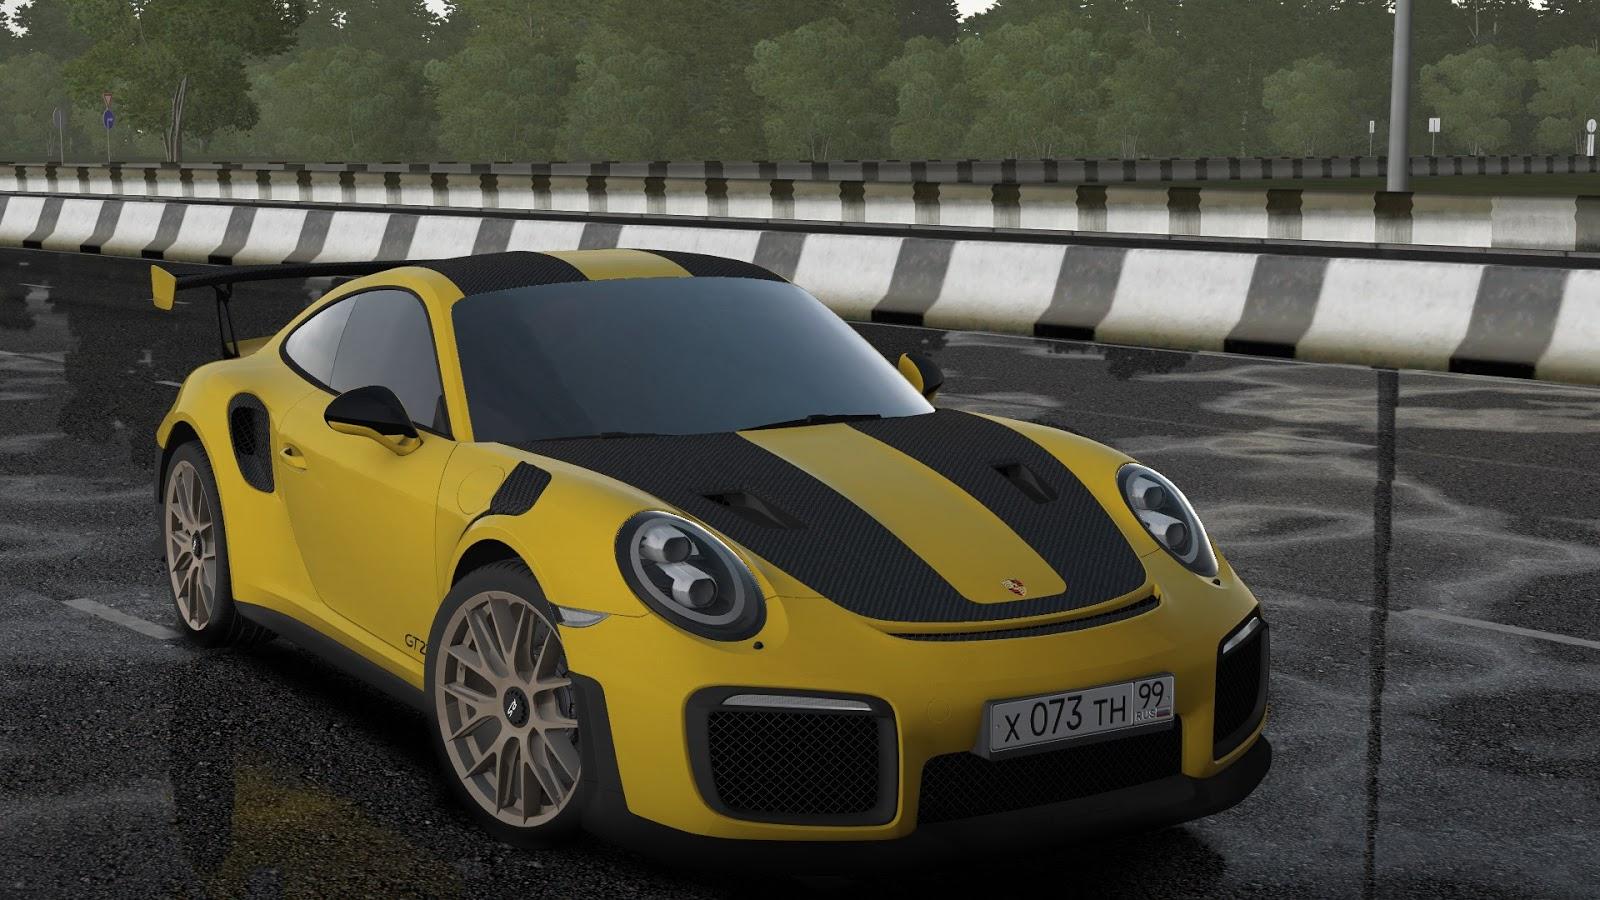 75cf72035c7 About City Car Driving 1.5.7 Car Mod 2018 Porsche 911 GT2 RS